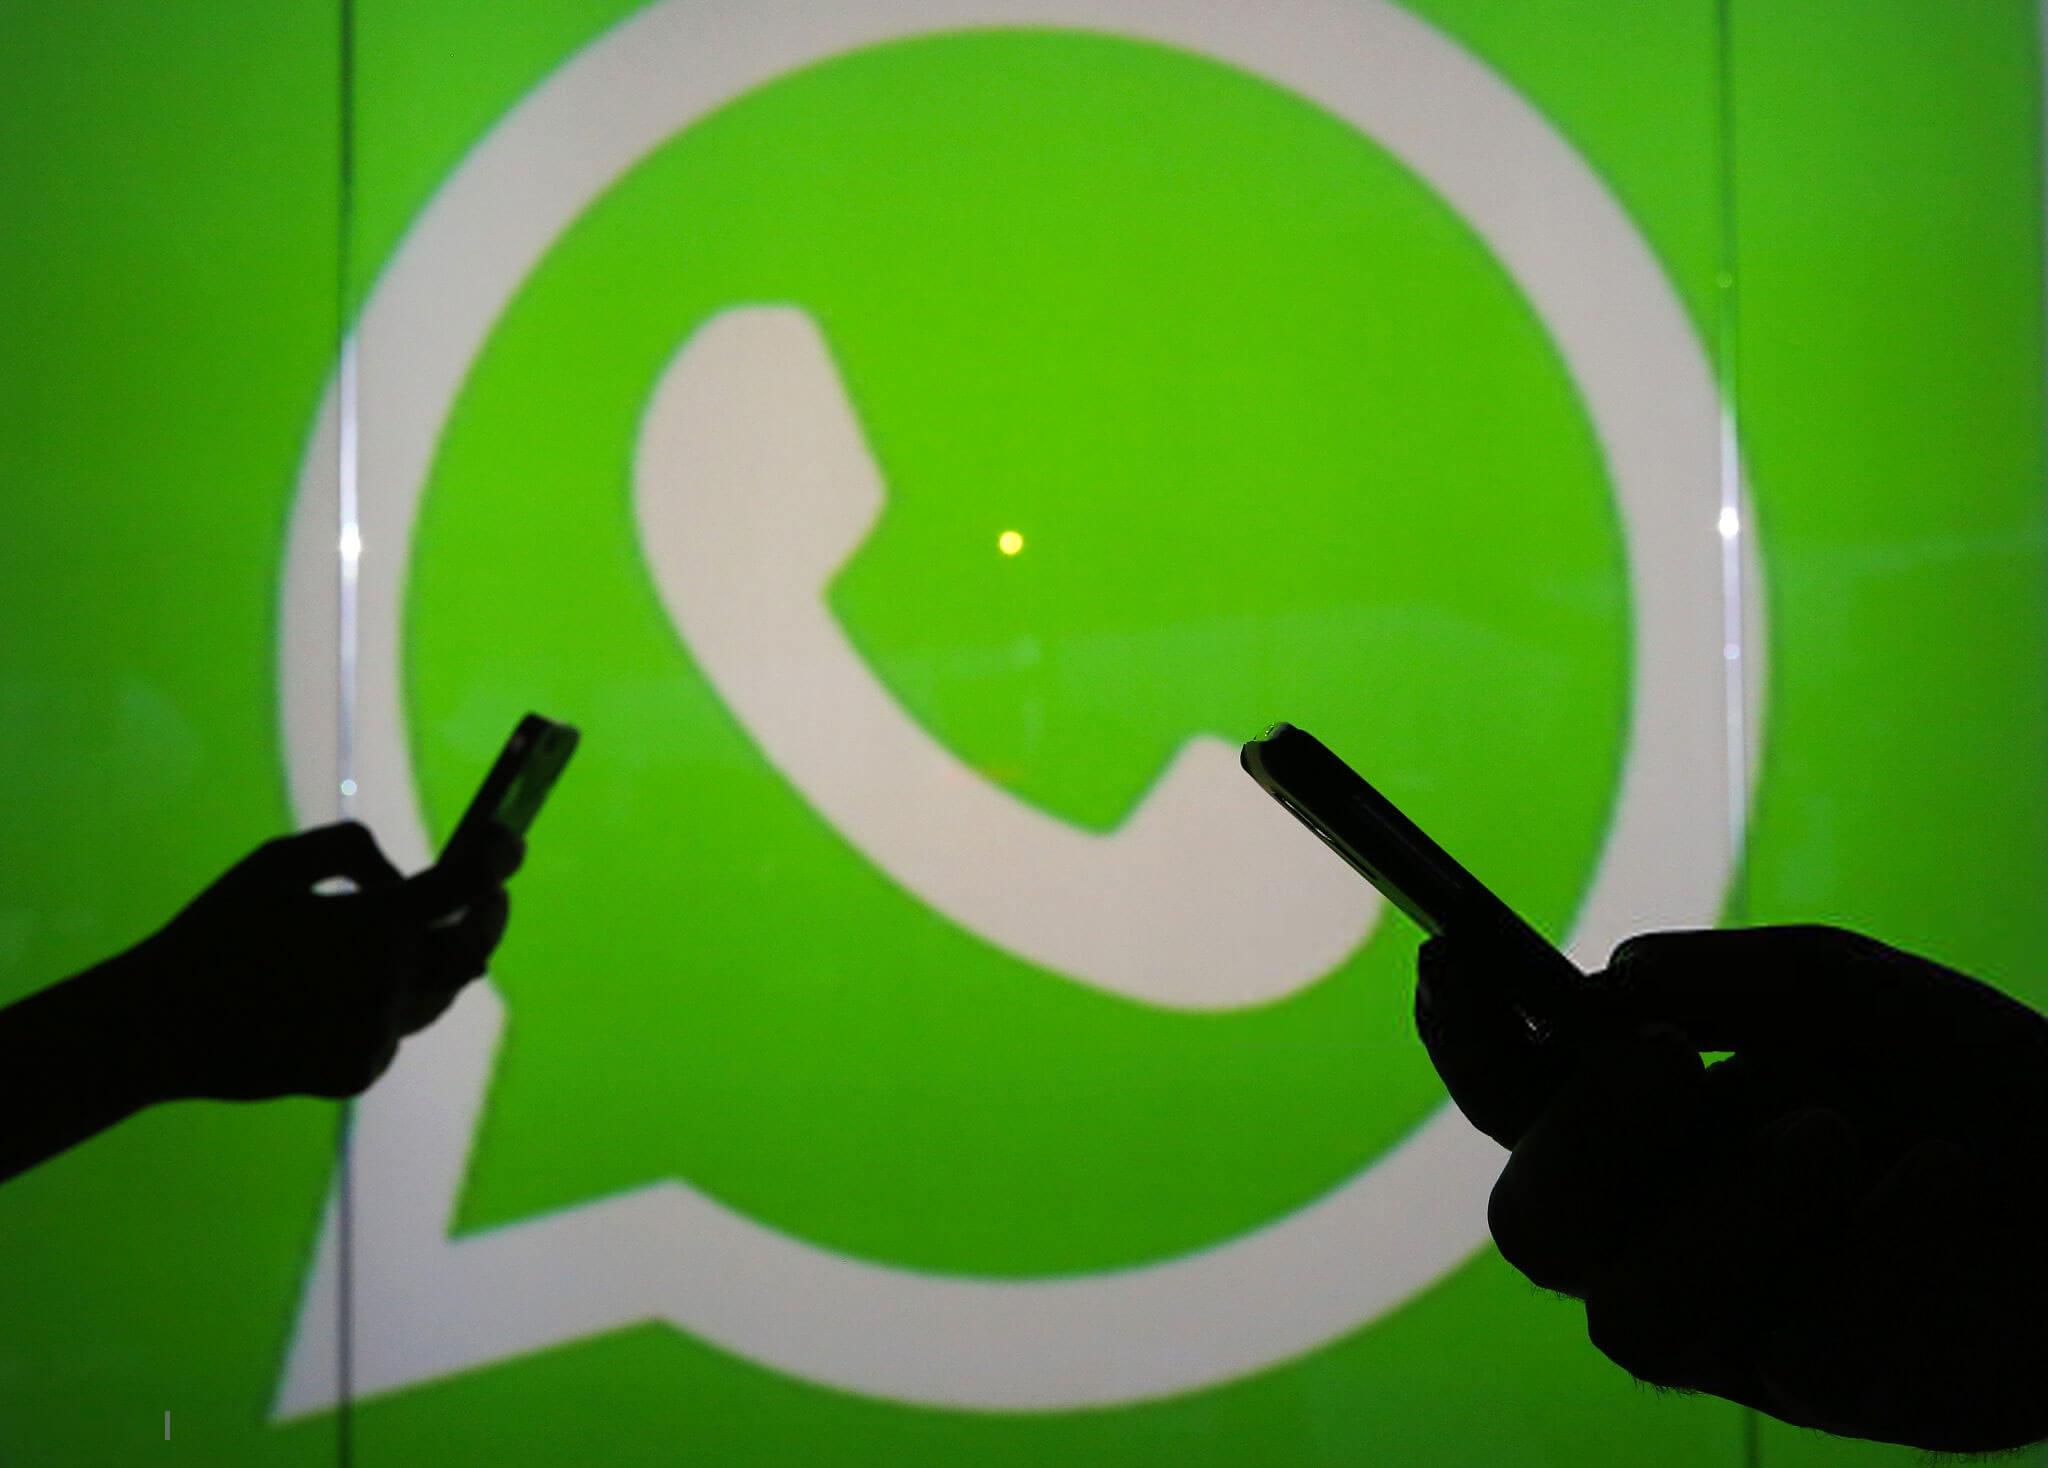 WhatsApp limita o encaminhamento de mensagens para coibir fake news